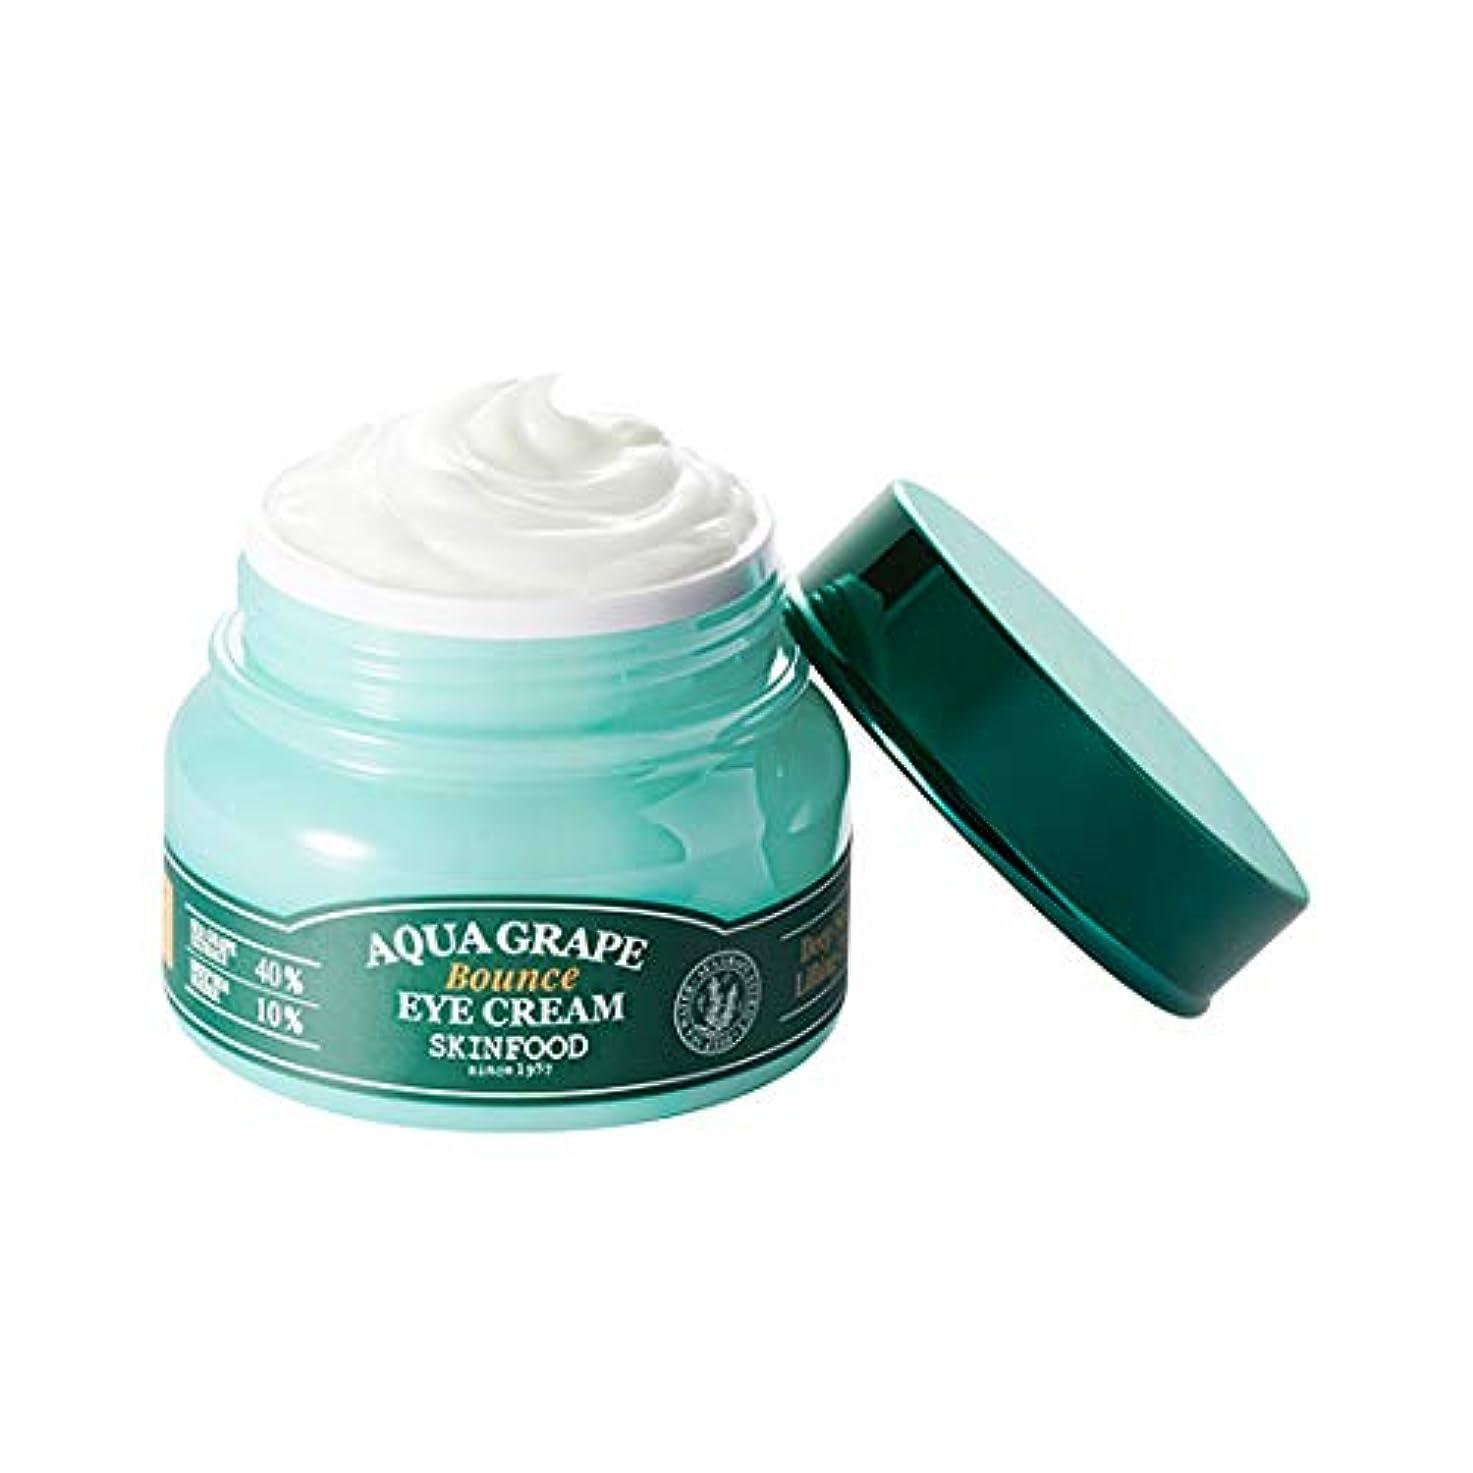 取り除くトースト時期尚早Skinfood Aqua Grape Bounce Eye Cream/アクアグレープバウンスアイクリーム/30g [並行輸入品]